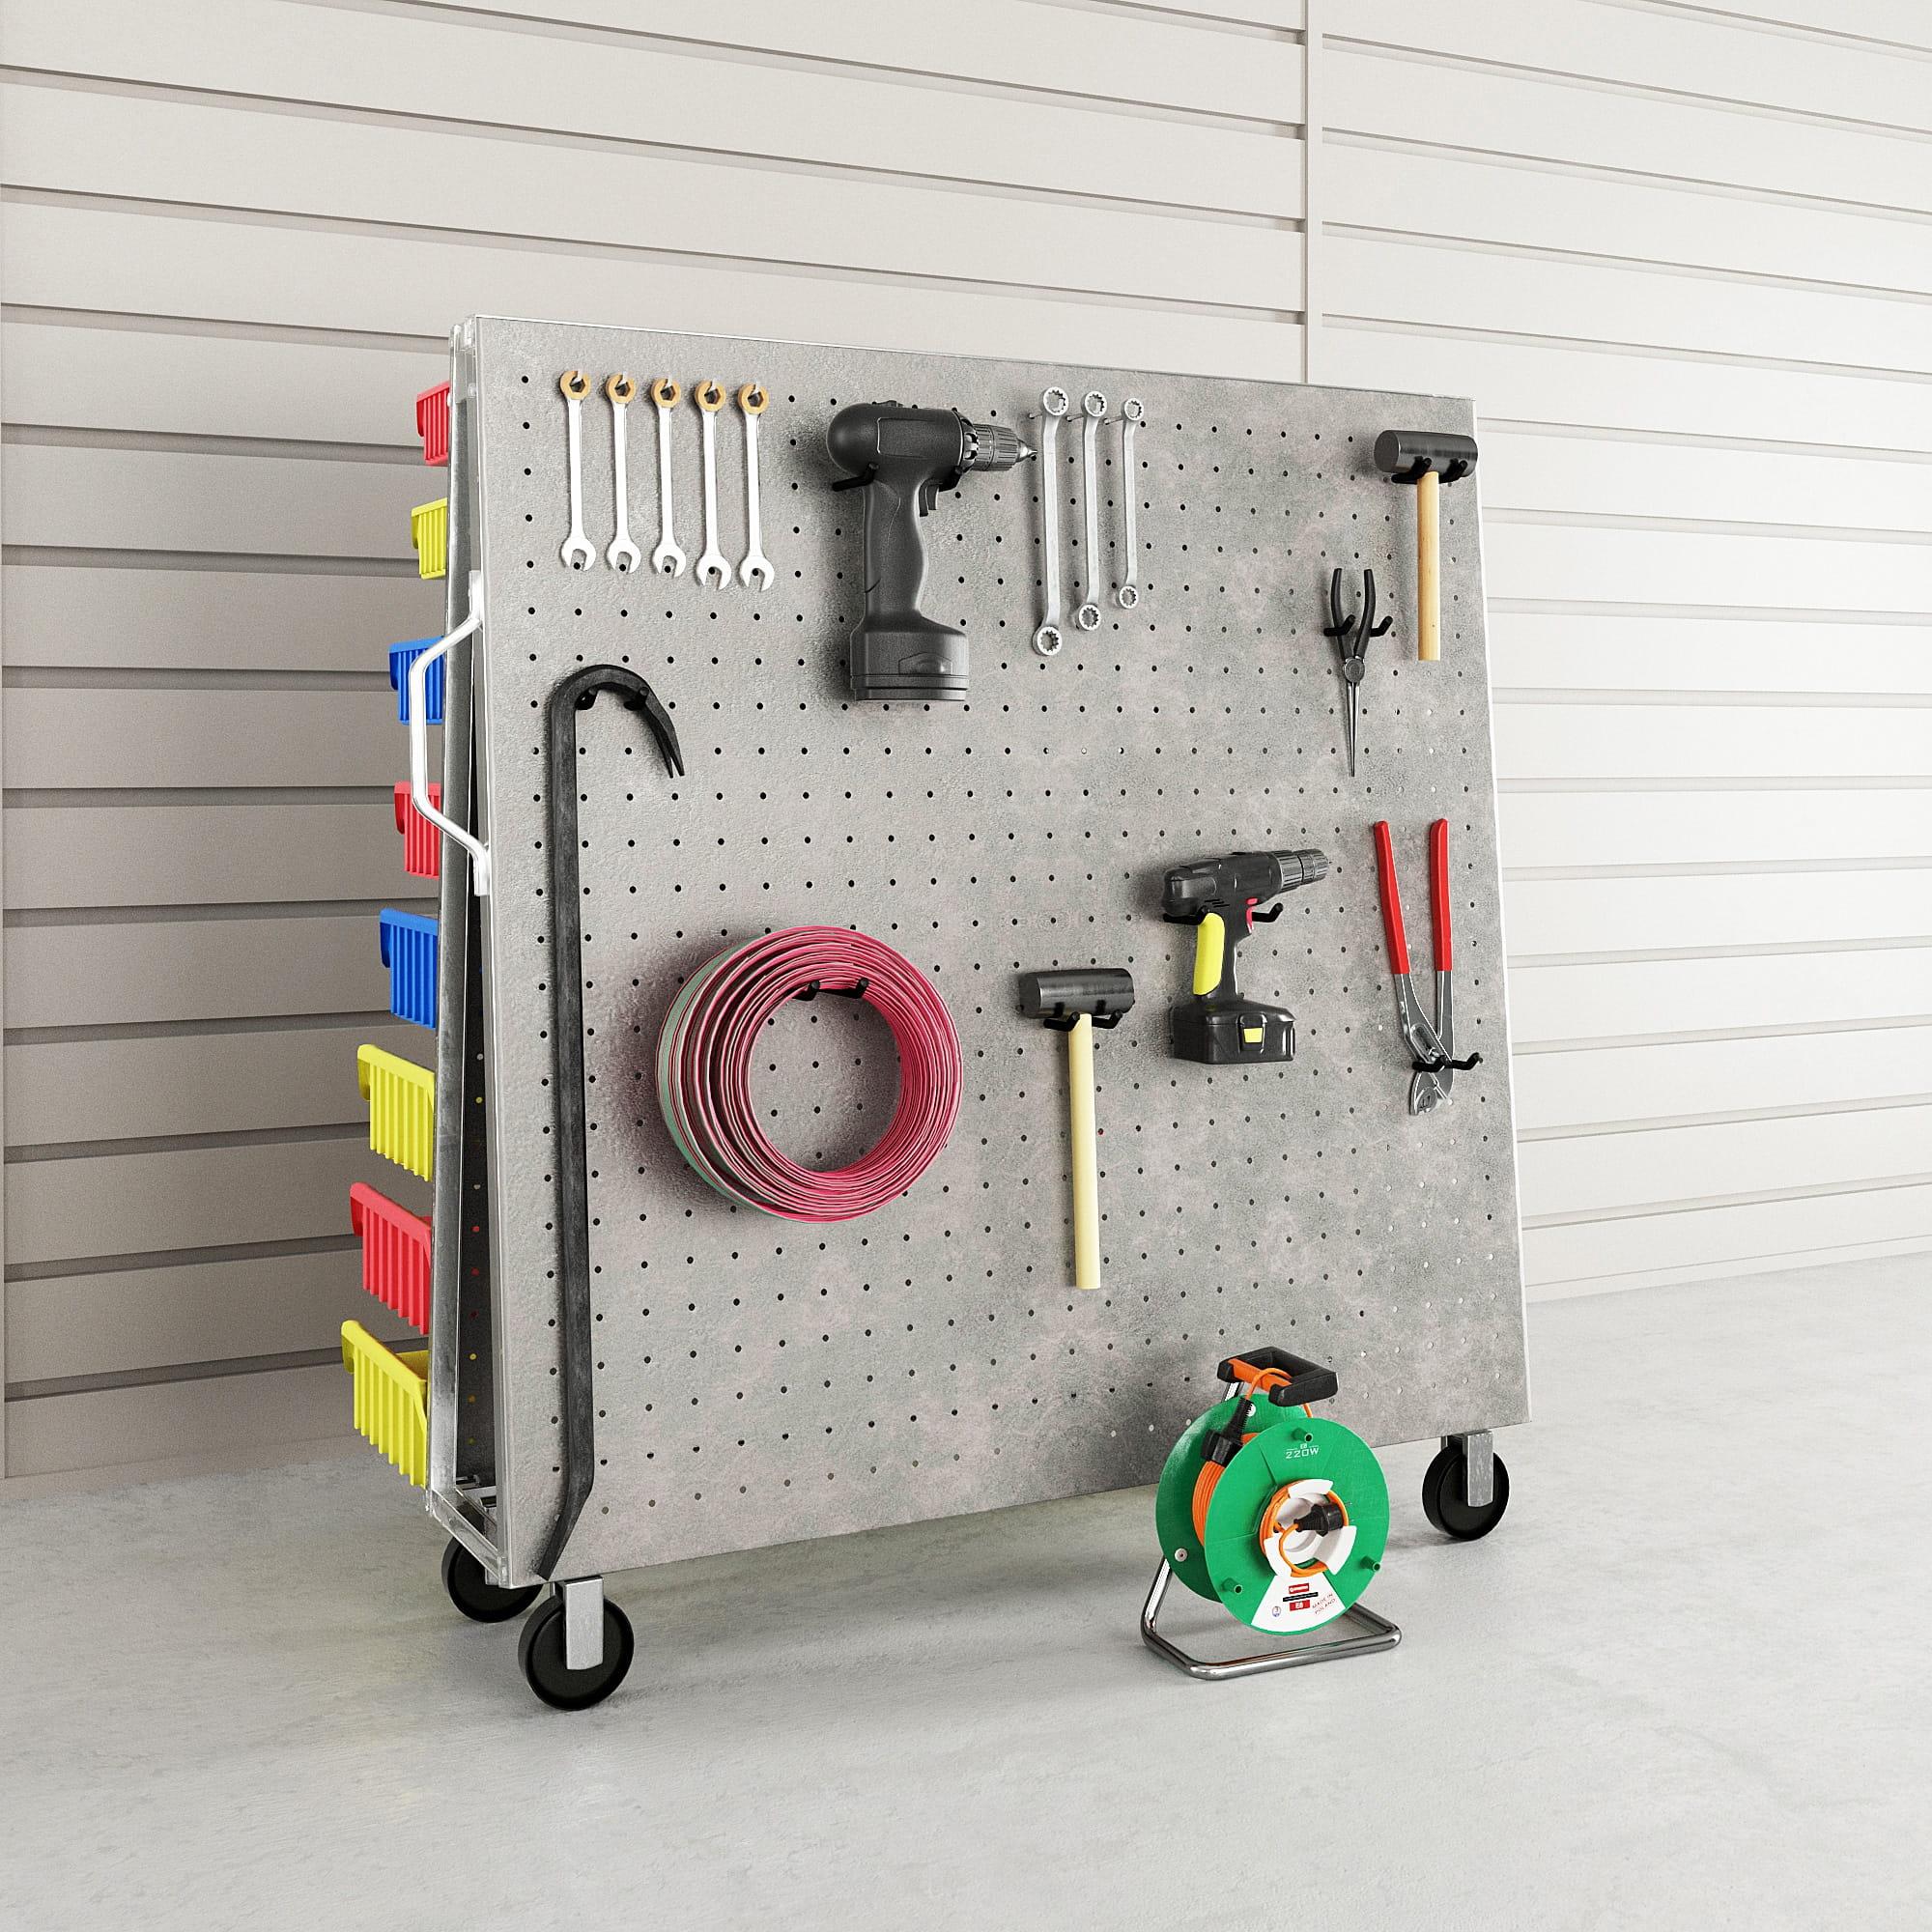 garage equipment 11 AM222 Archmodels